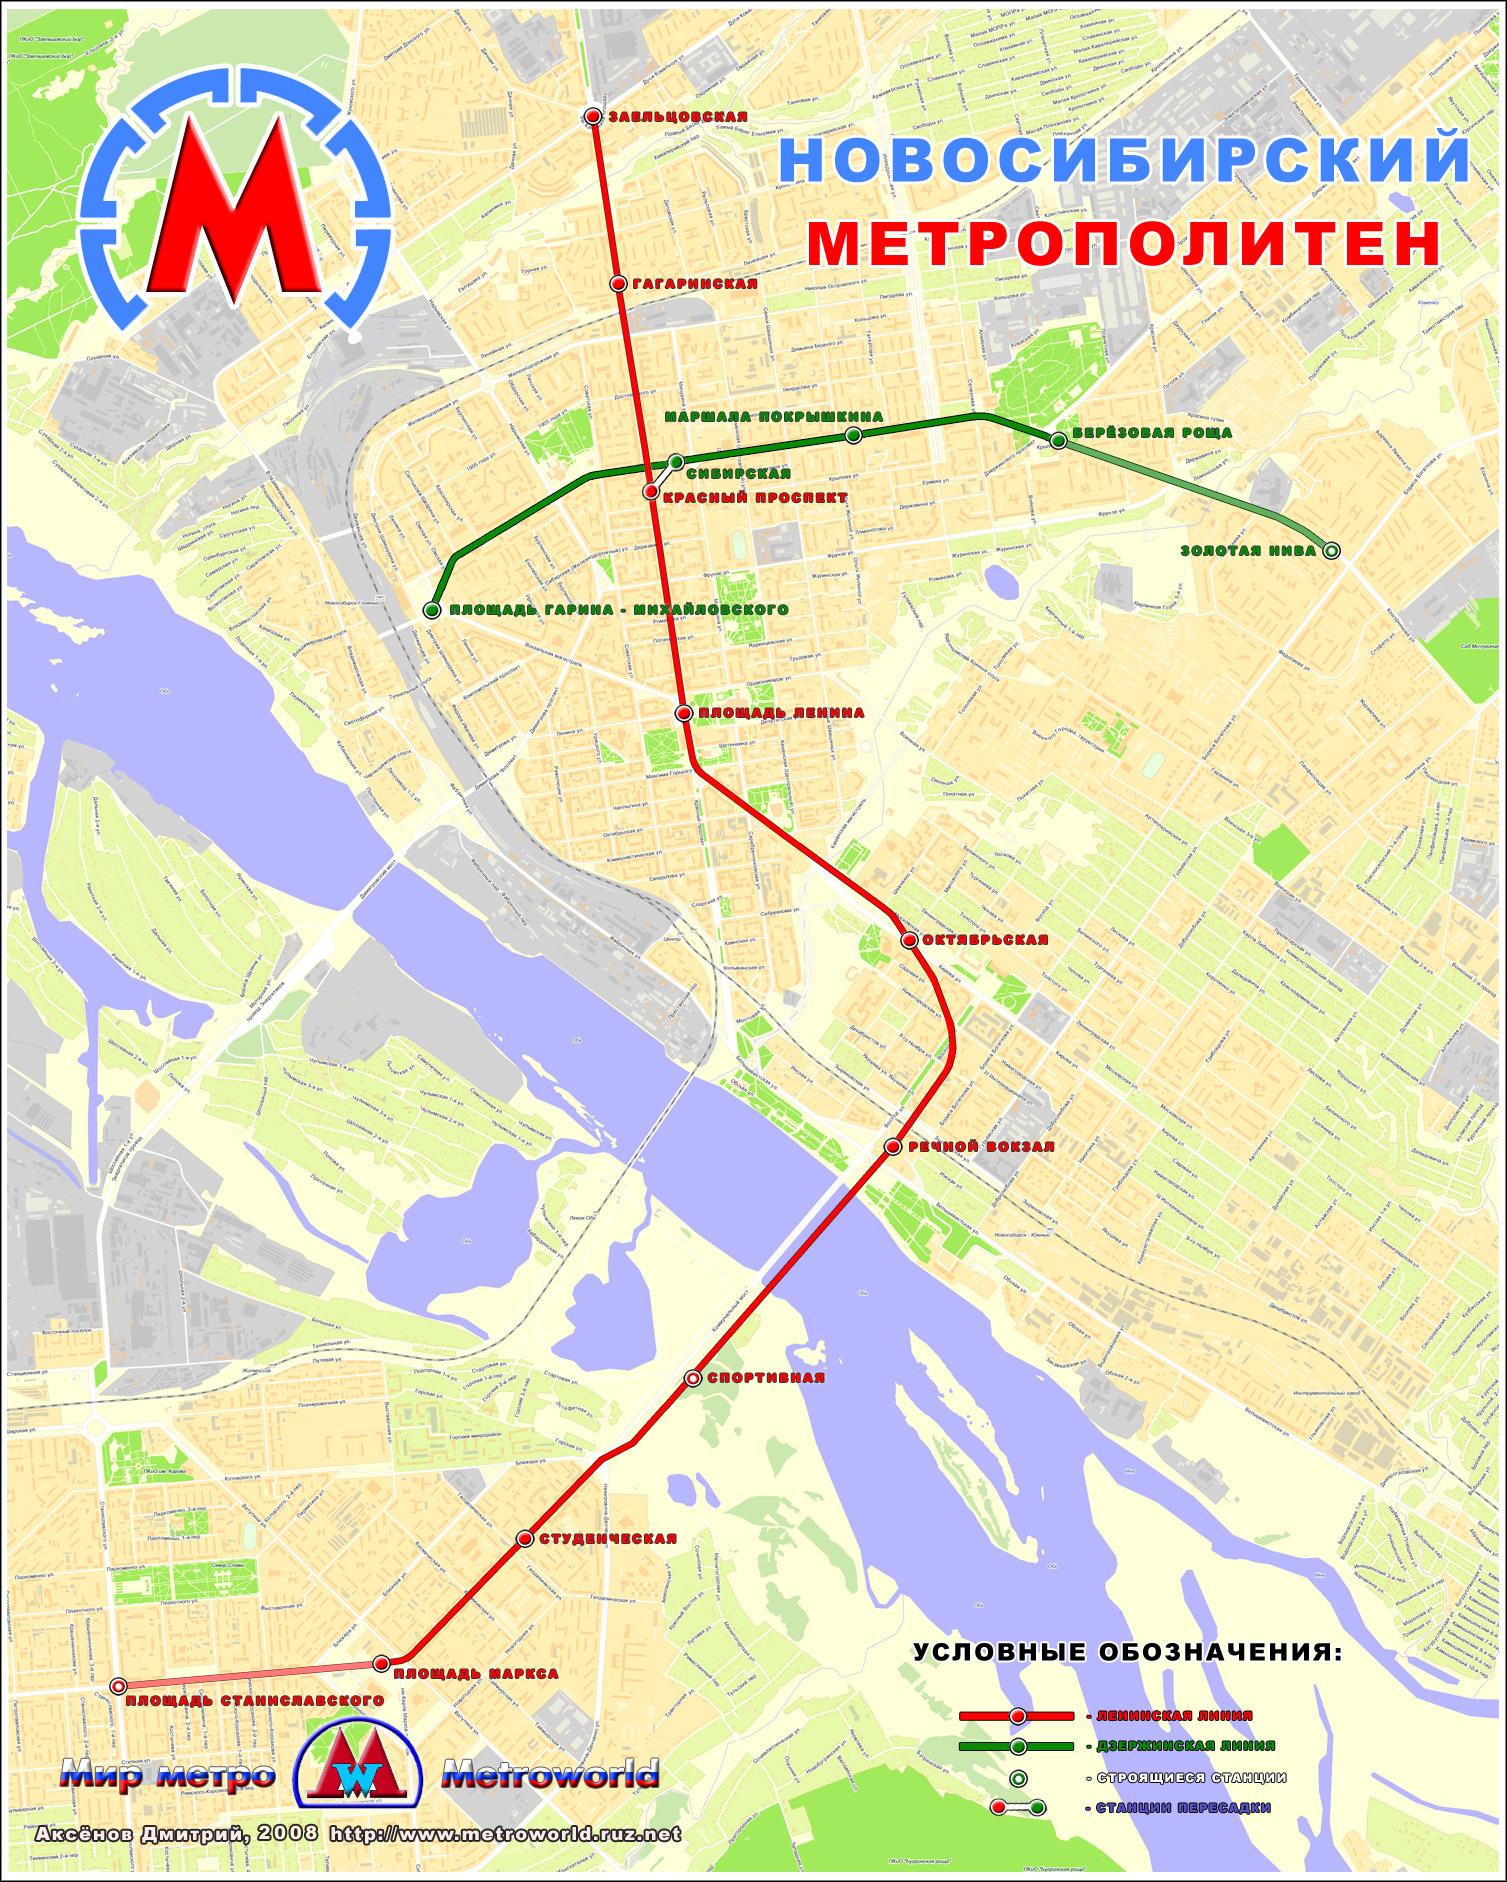 перспективы развития москвы до 2030 года схема